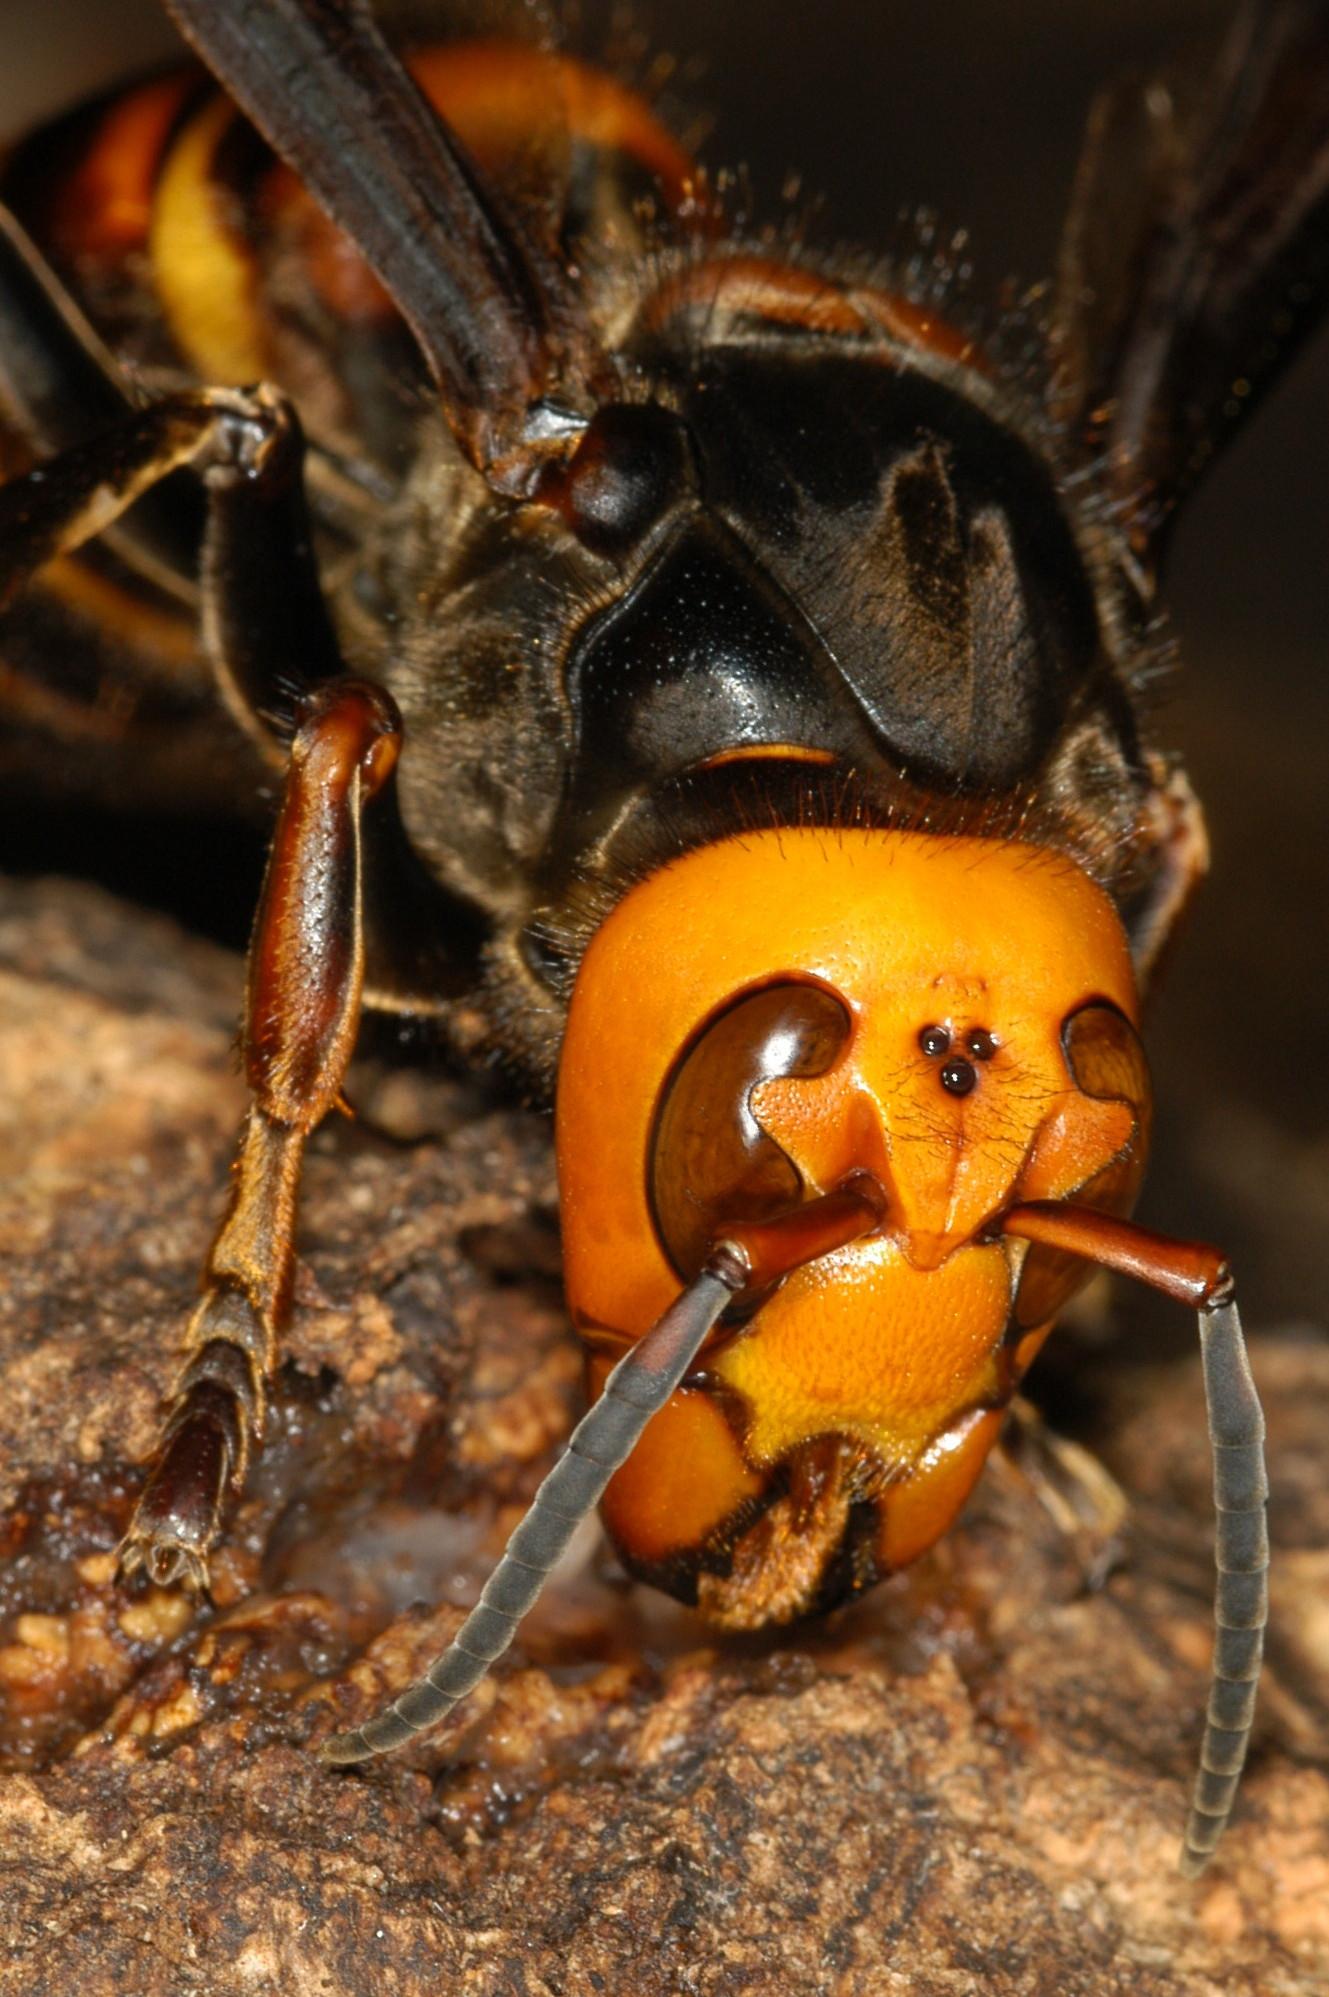 スズメバチの画像 p1_26